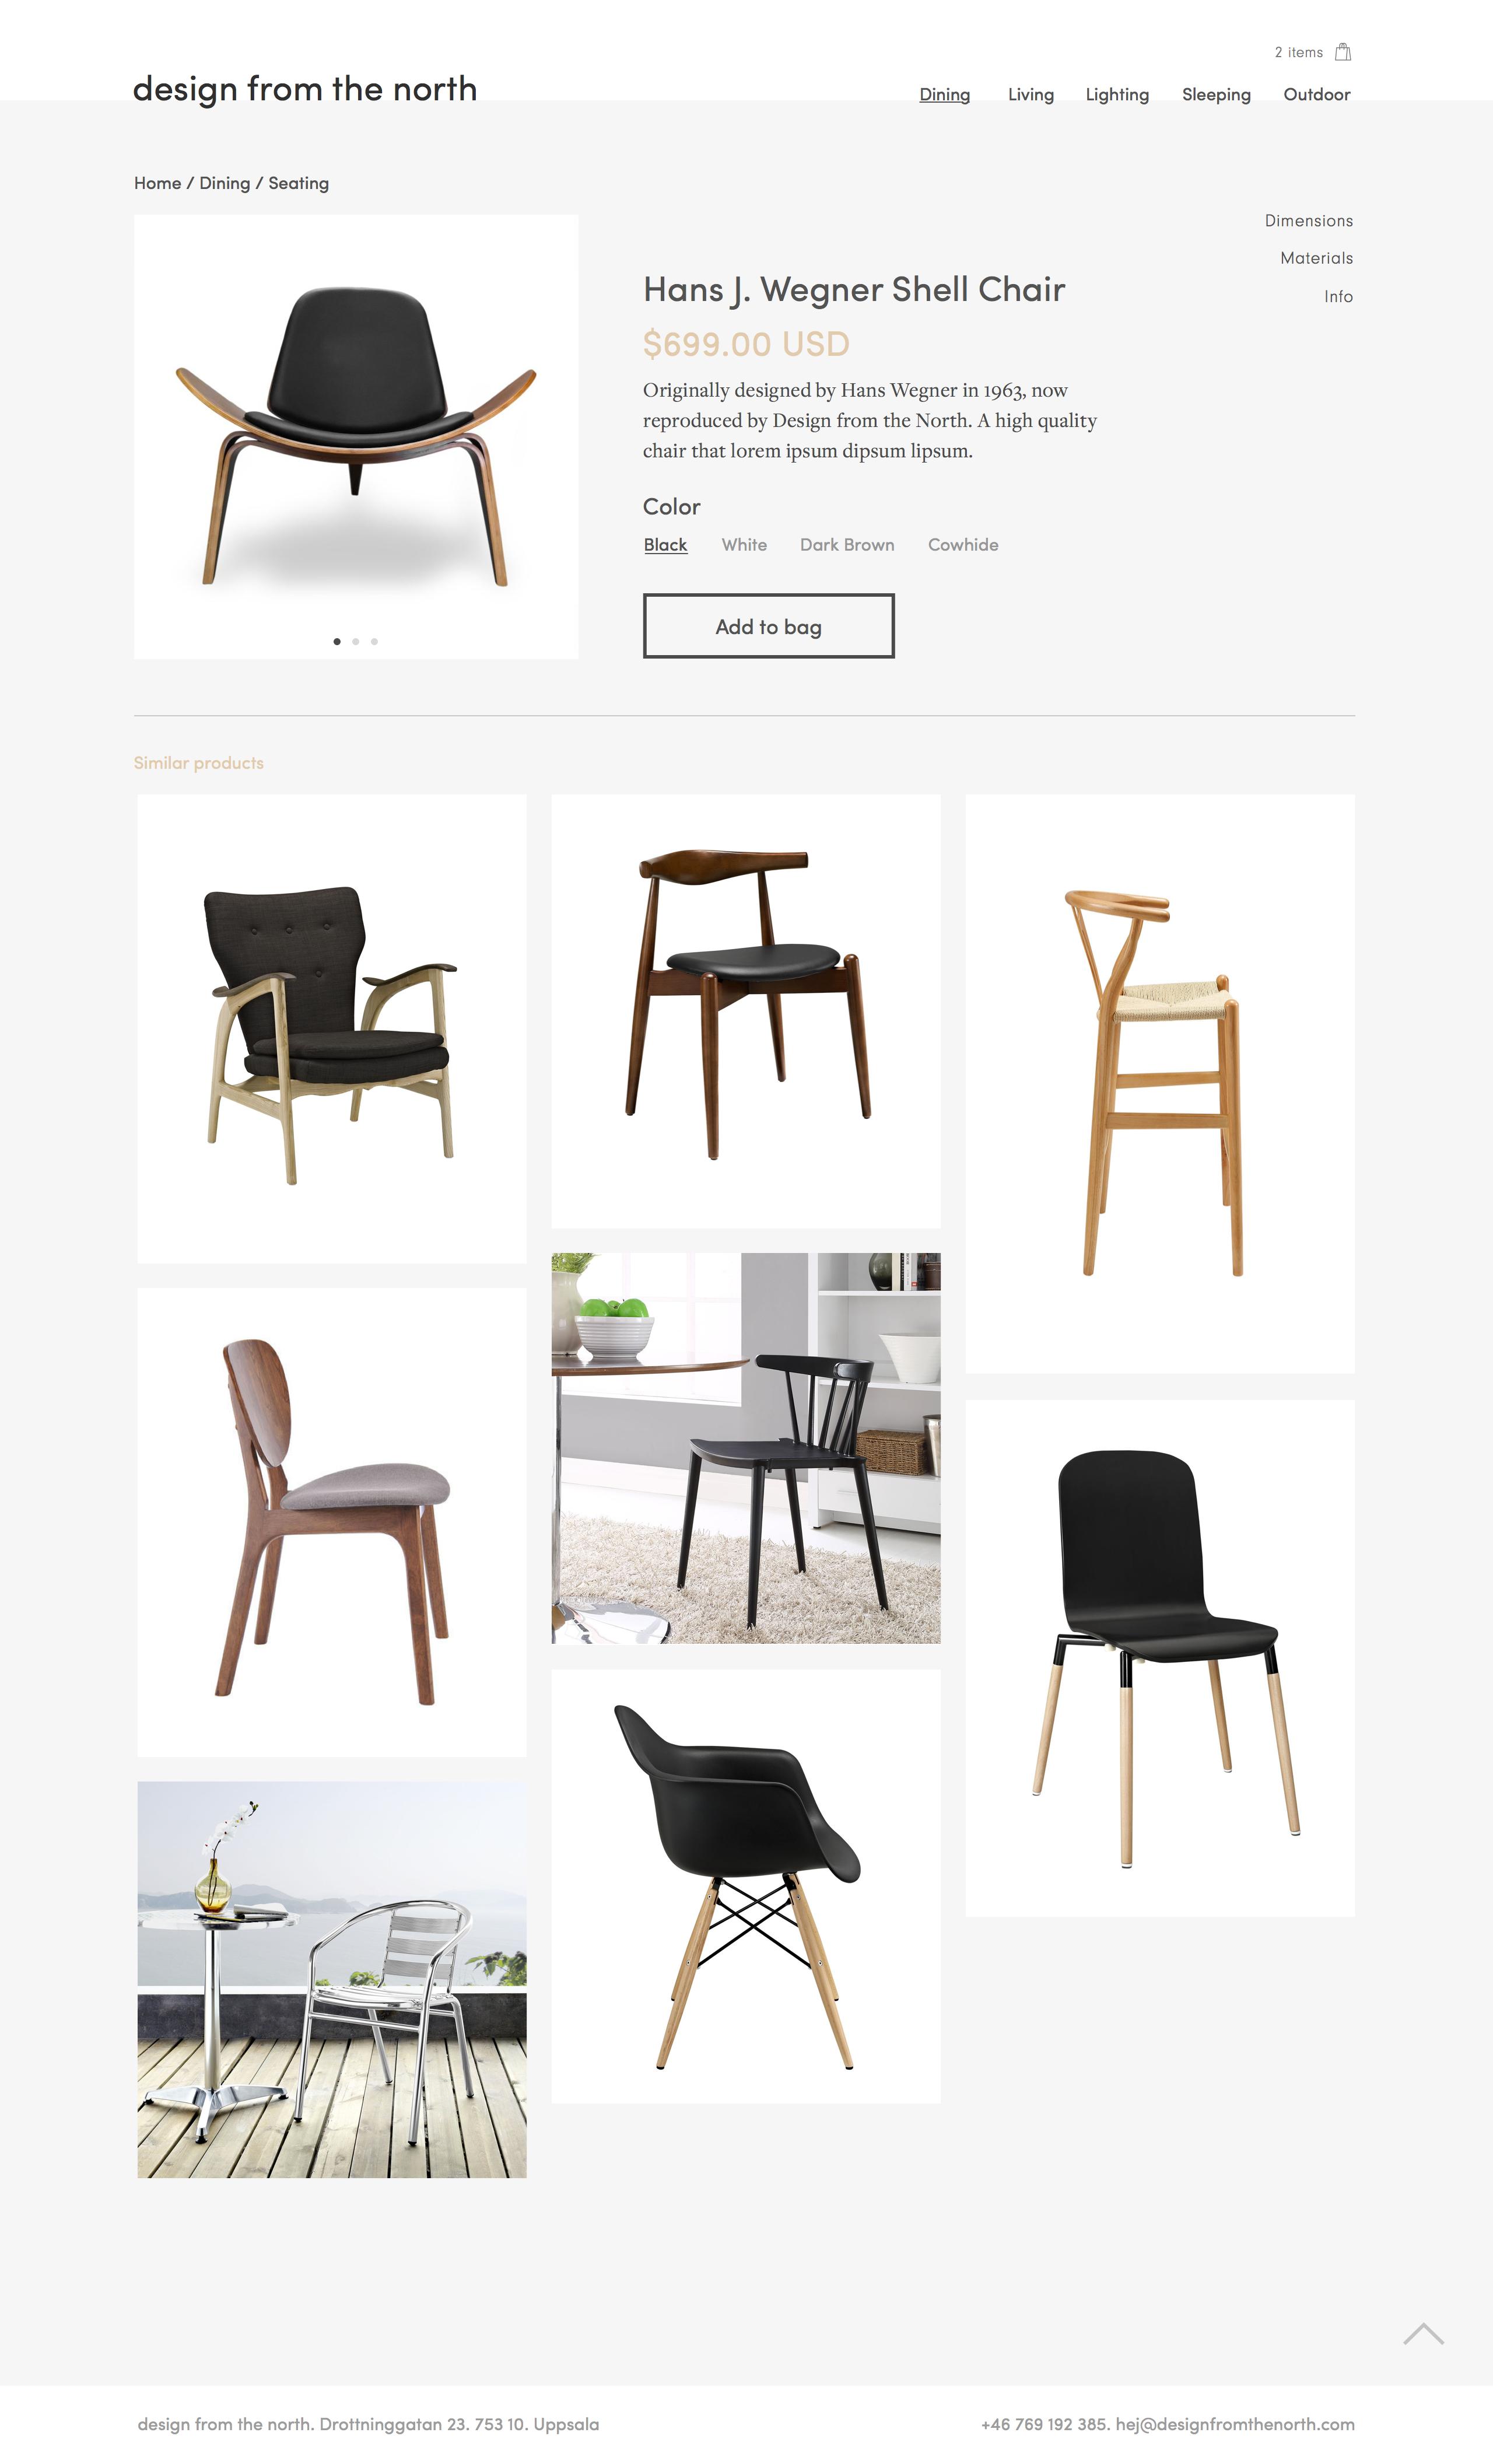 Designfromthenorth